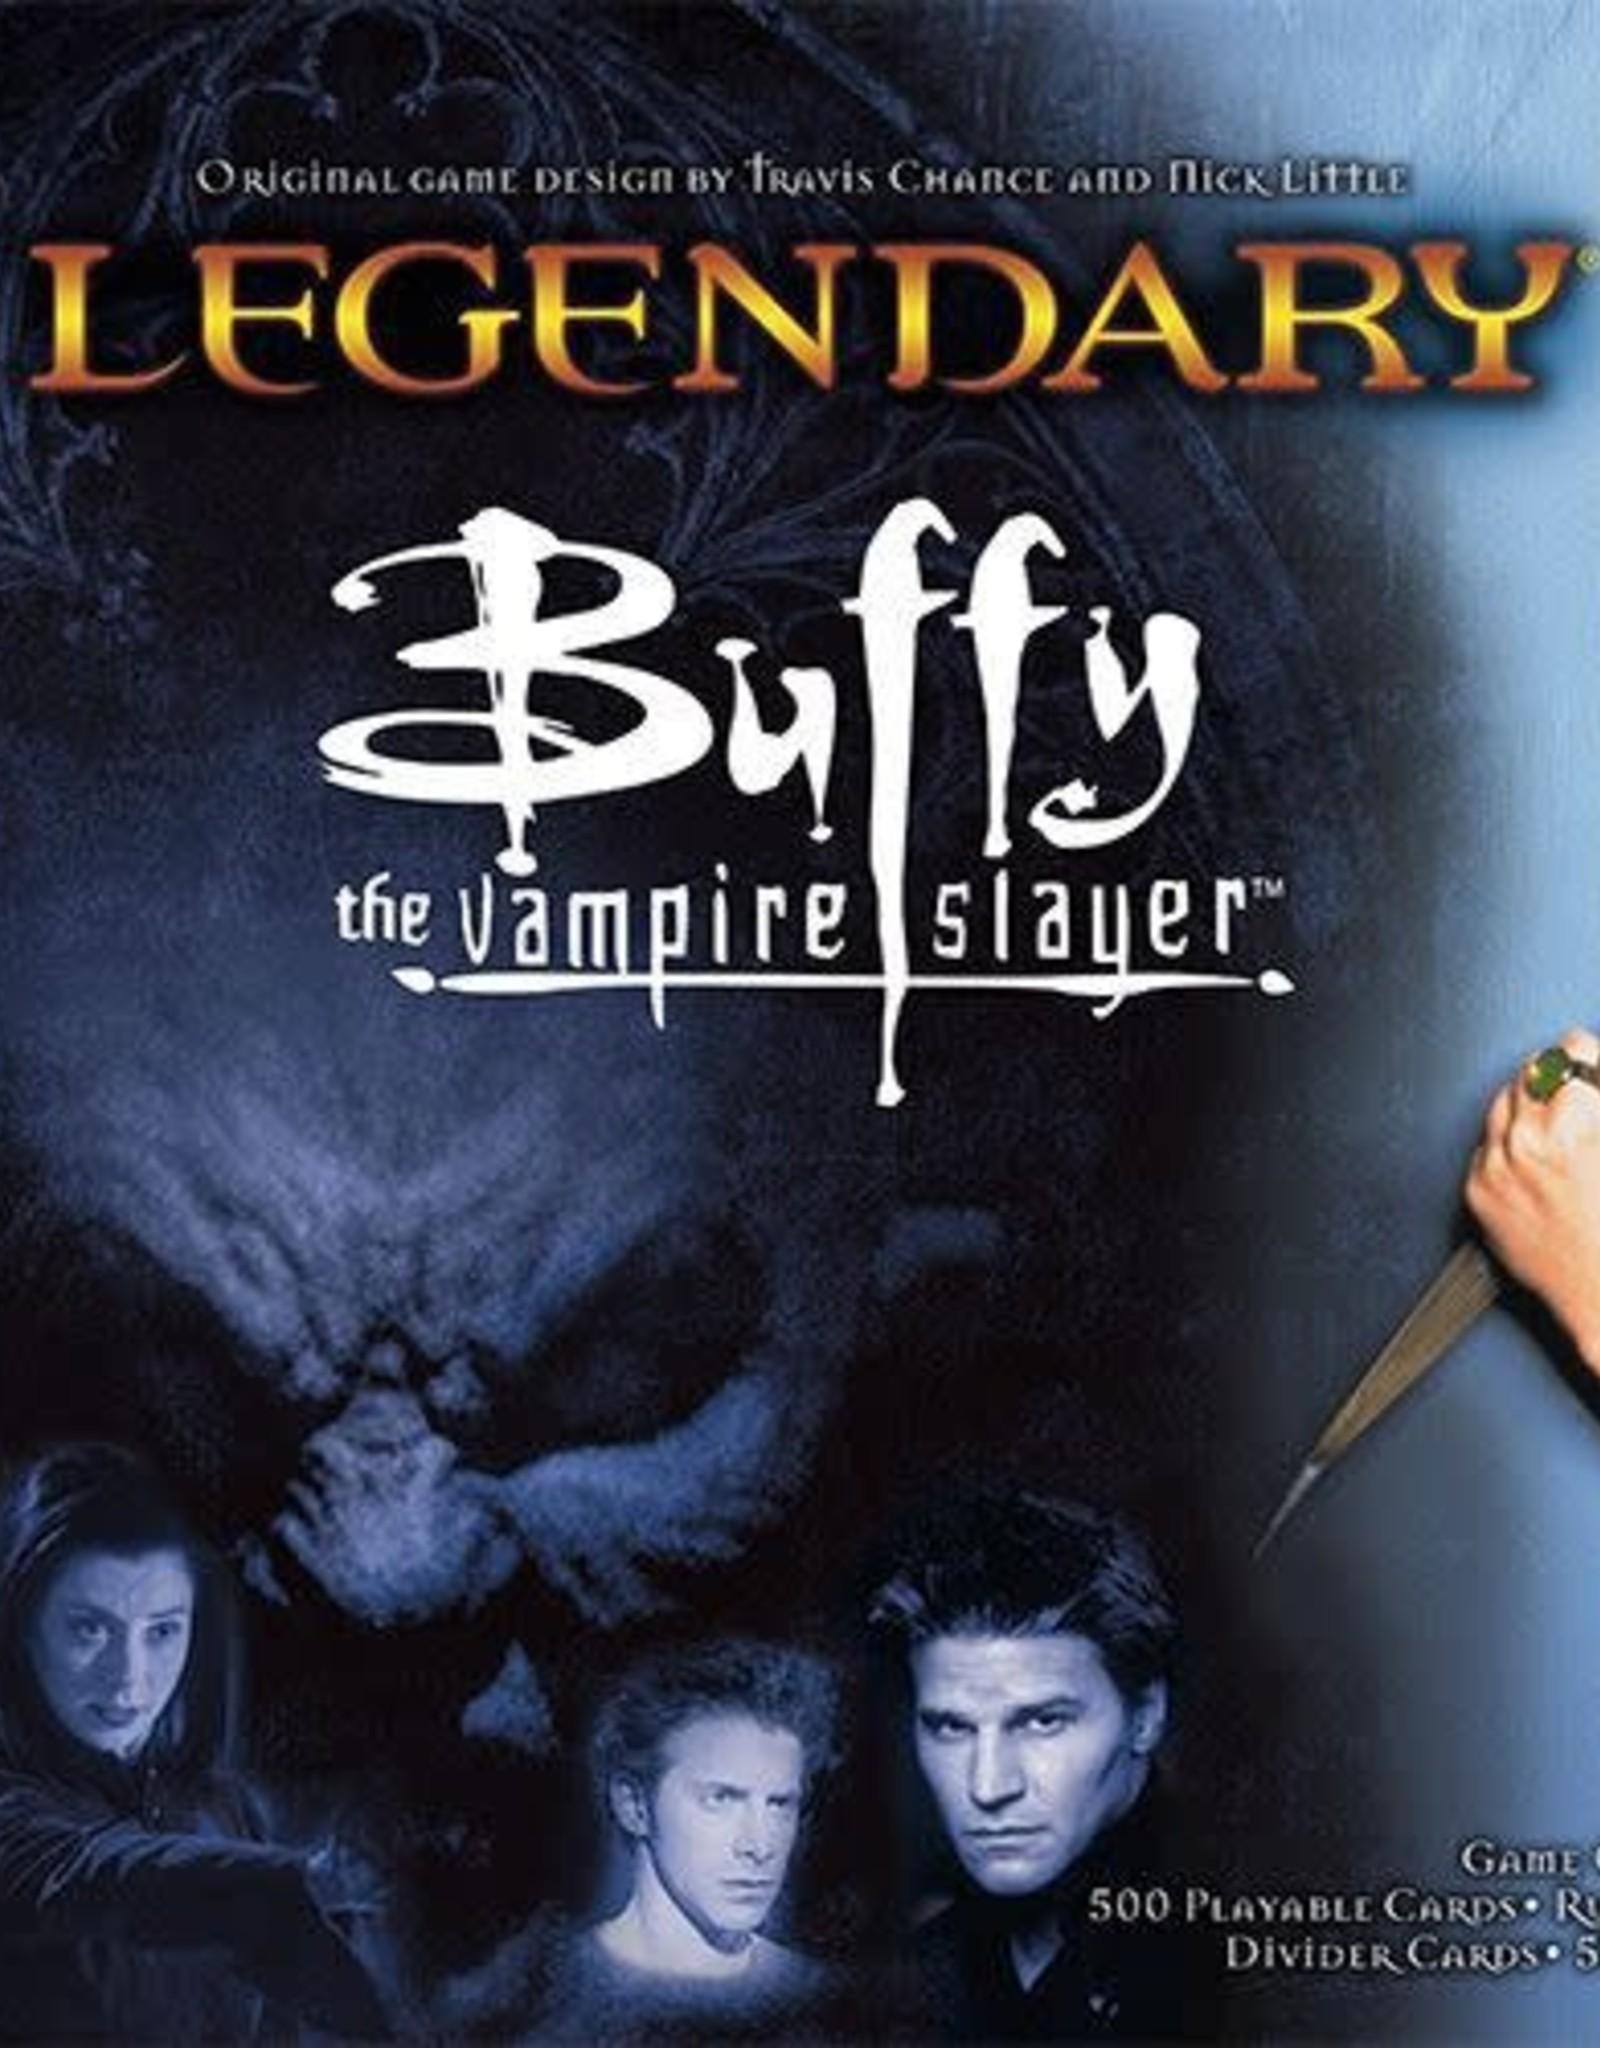 Upper Deck Legendary Buffy Vampire Slayer